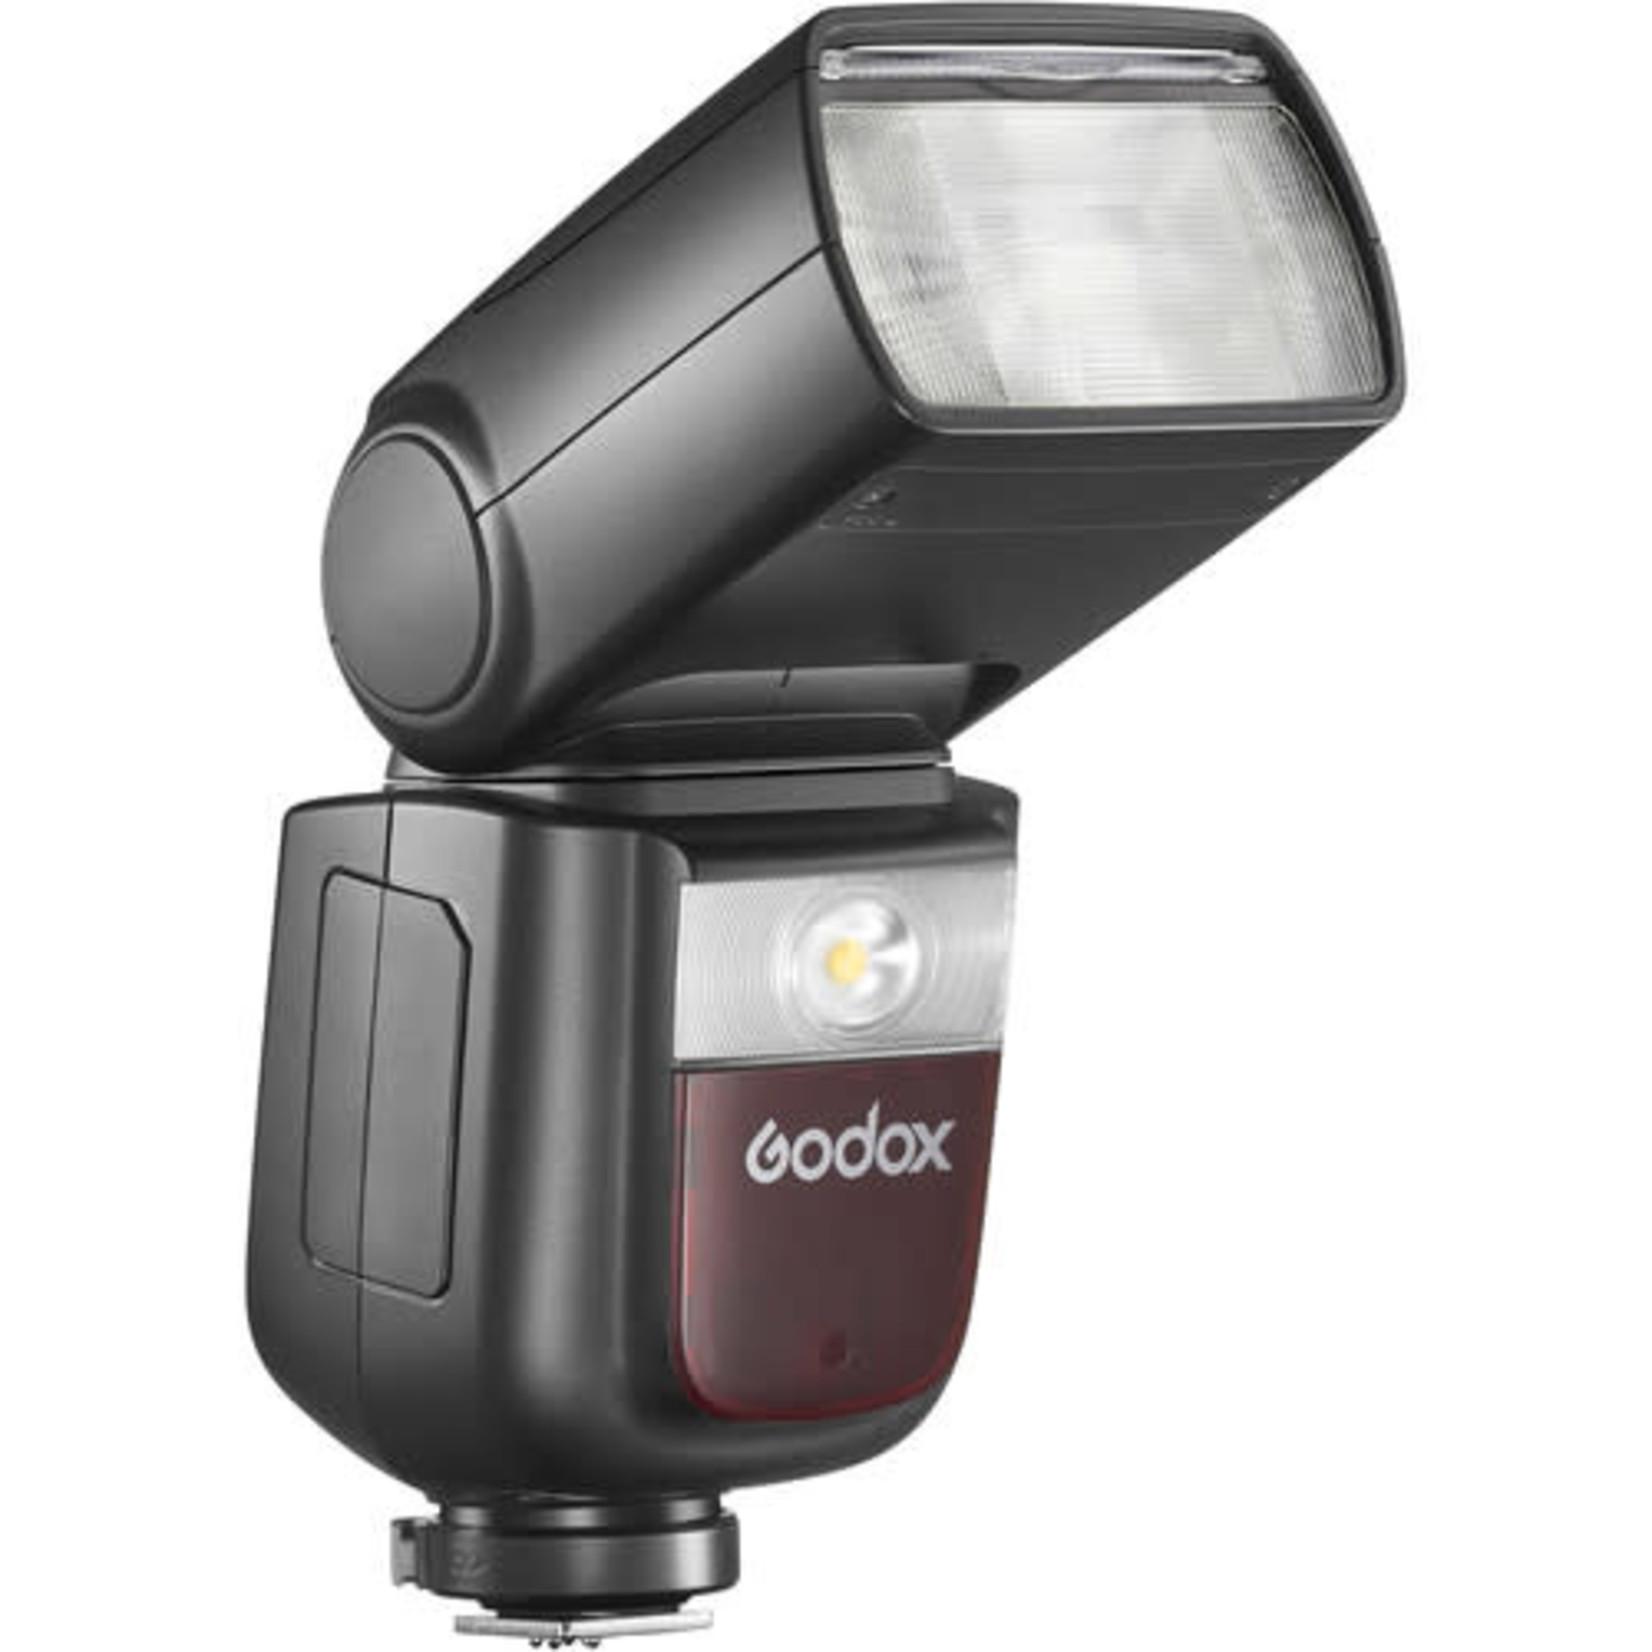 Godox Godox VING V860IIIS TTL Li-Ion Flash Kit for Sony Cameras